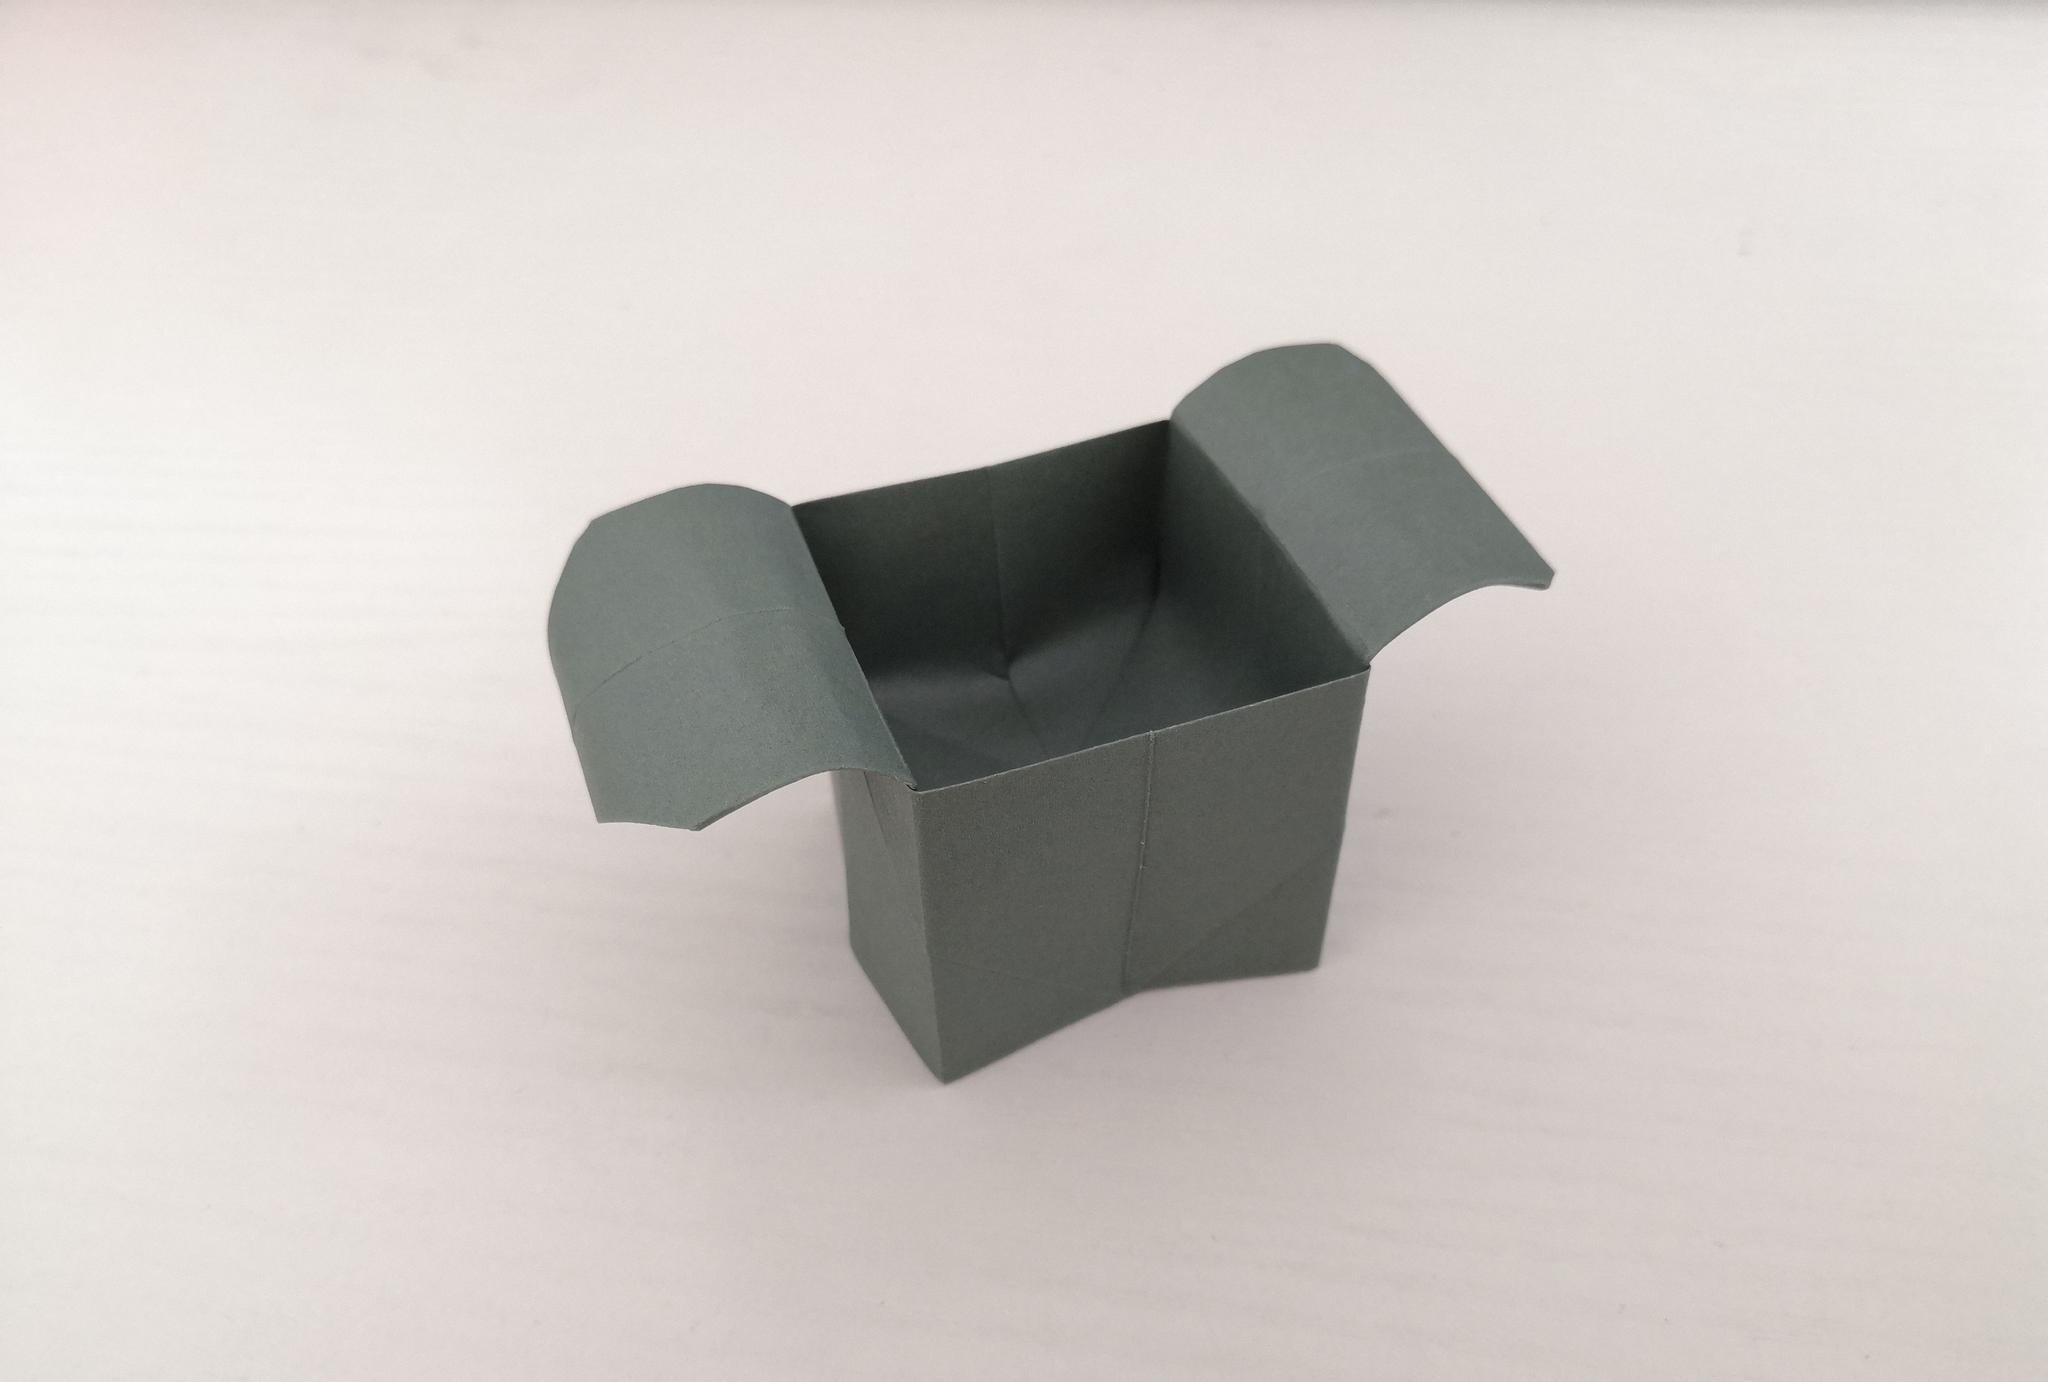 好看又实用的收纳盒,折法简单易学,赶快动动巧手折一折